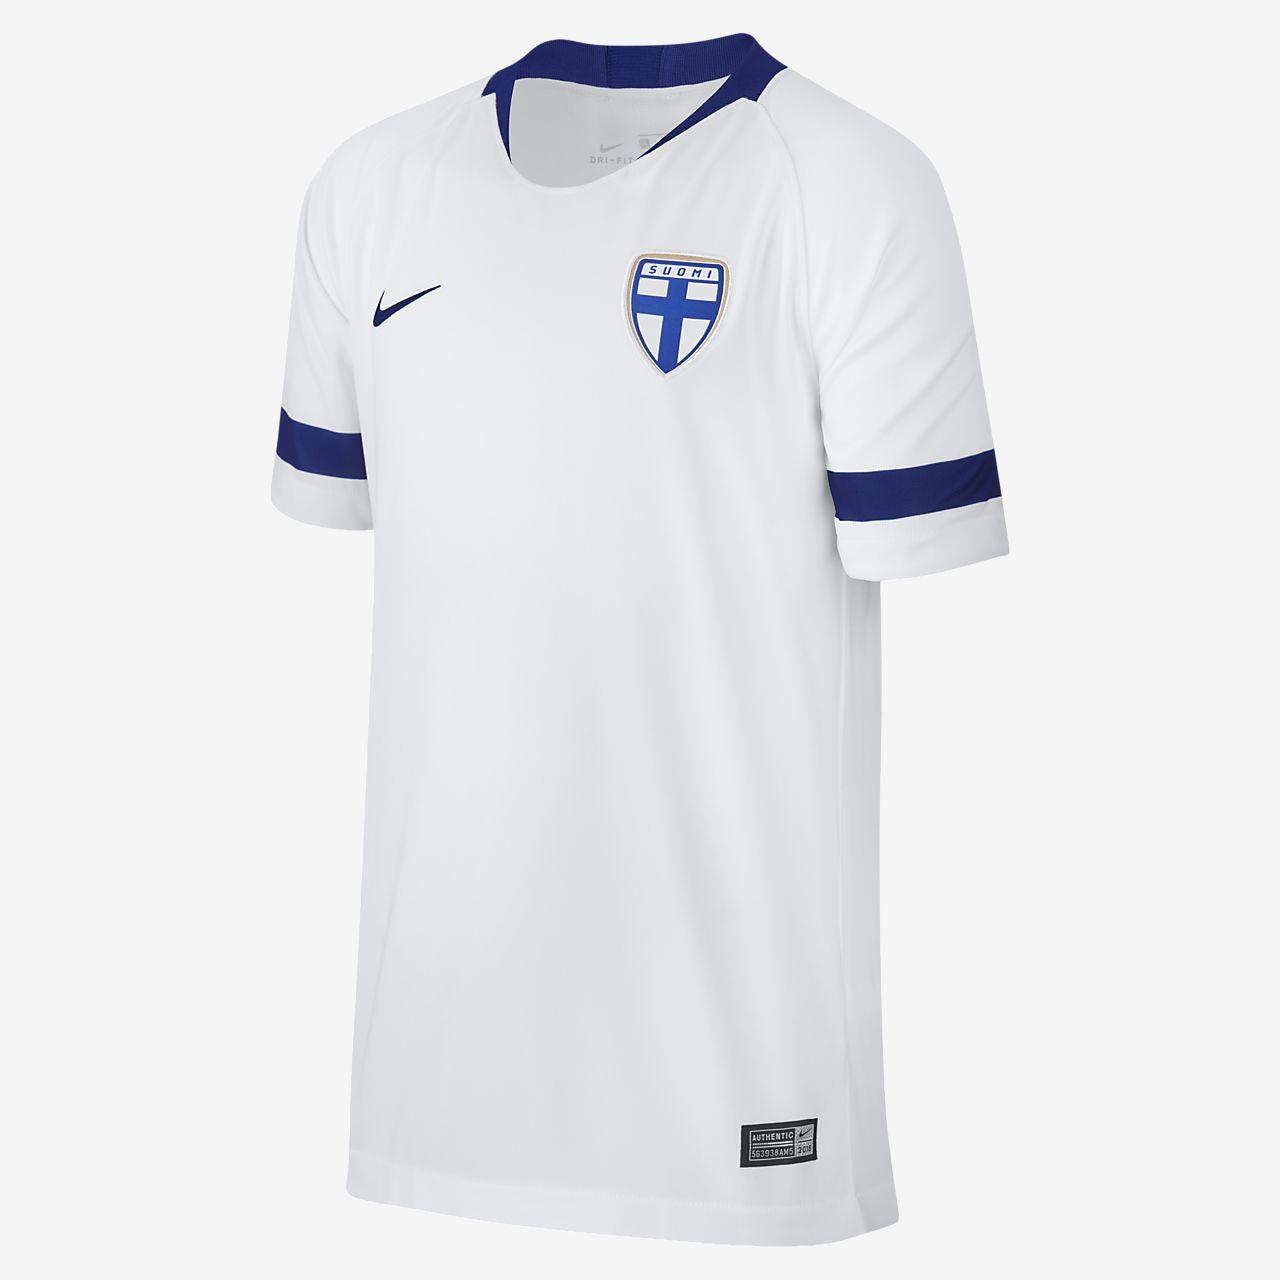 2018 Finland Stadium Home fotballdrakt til store barn